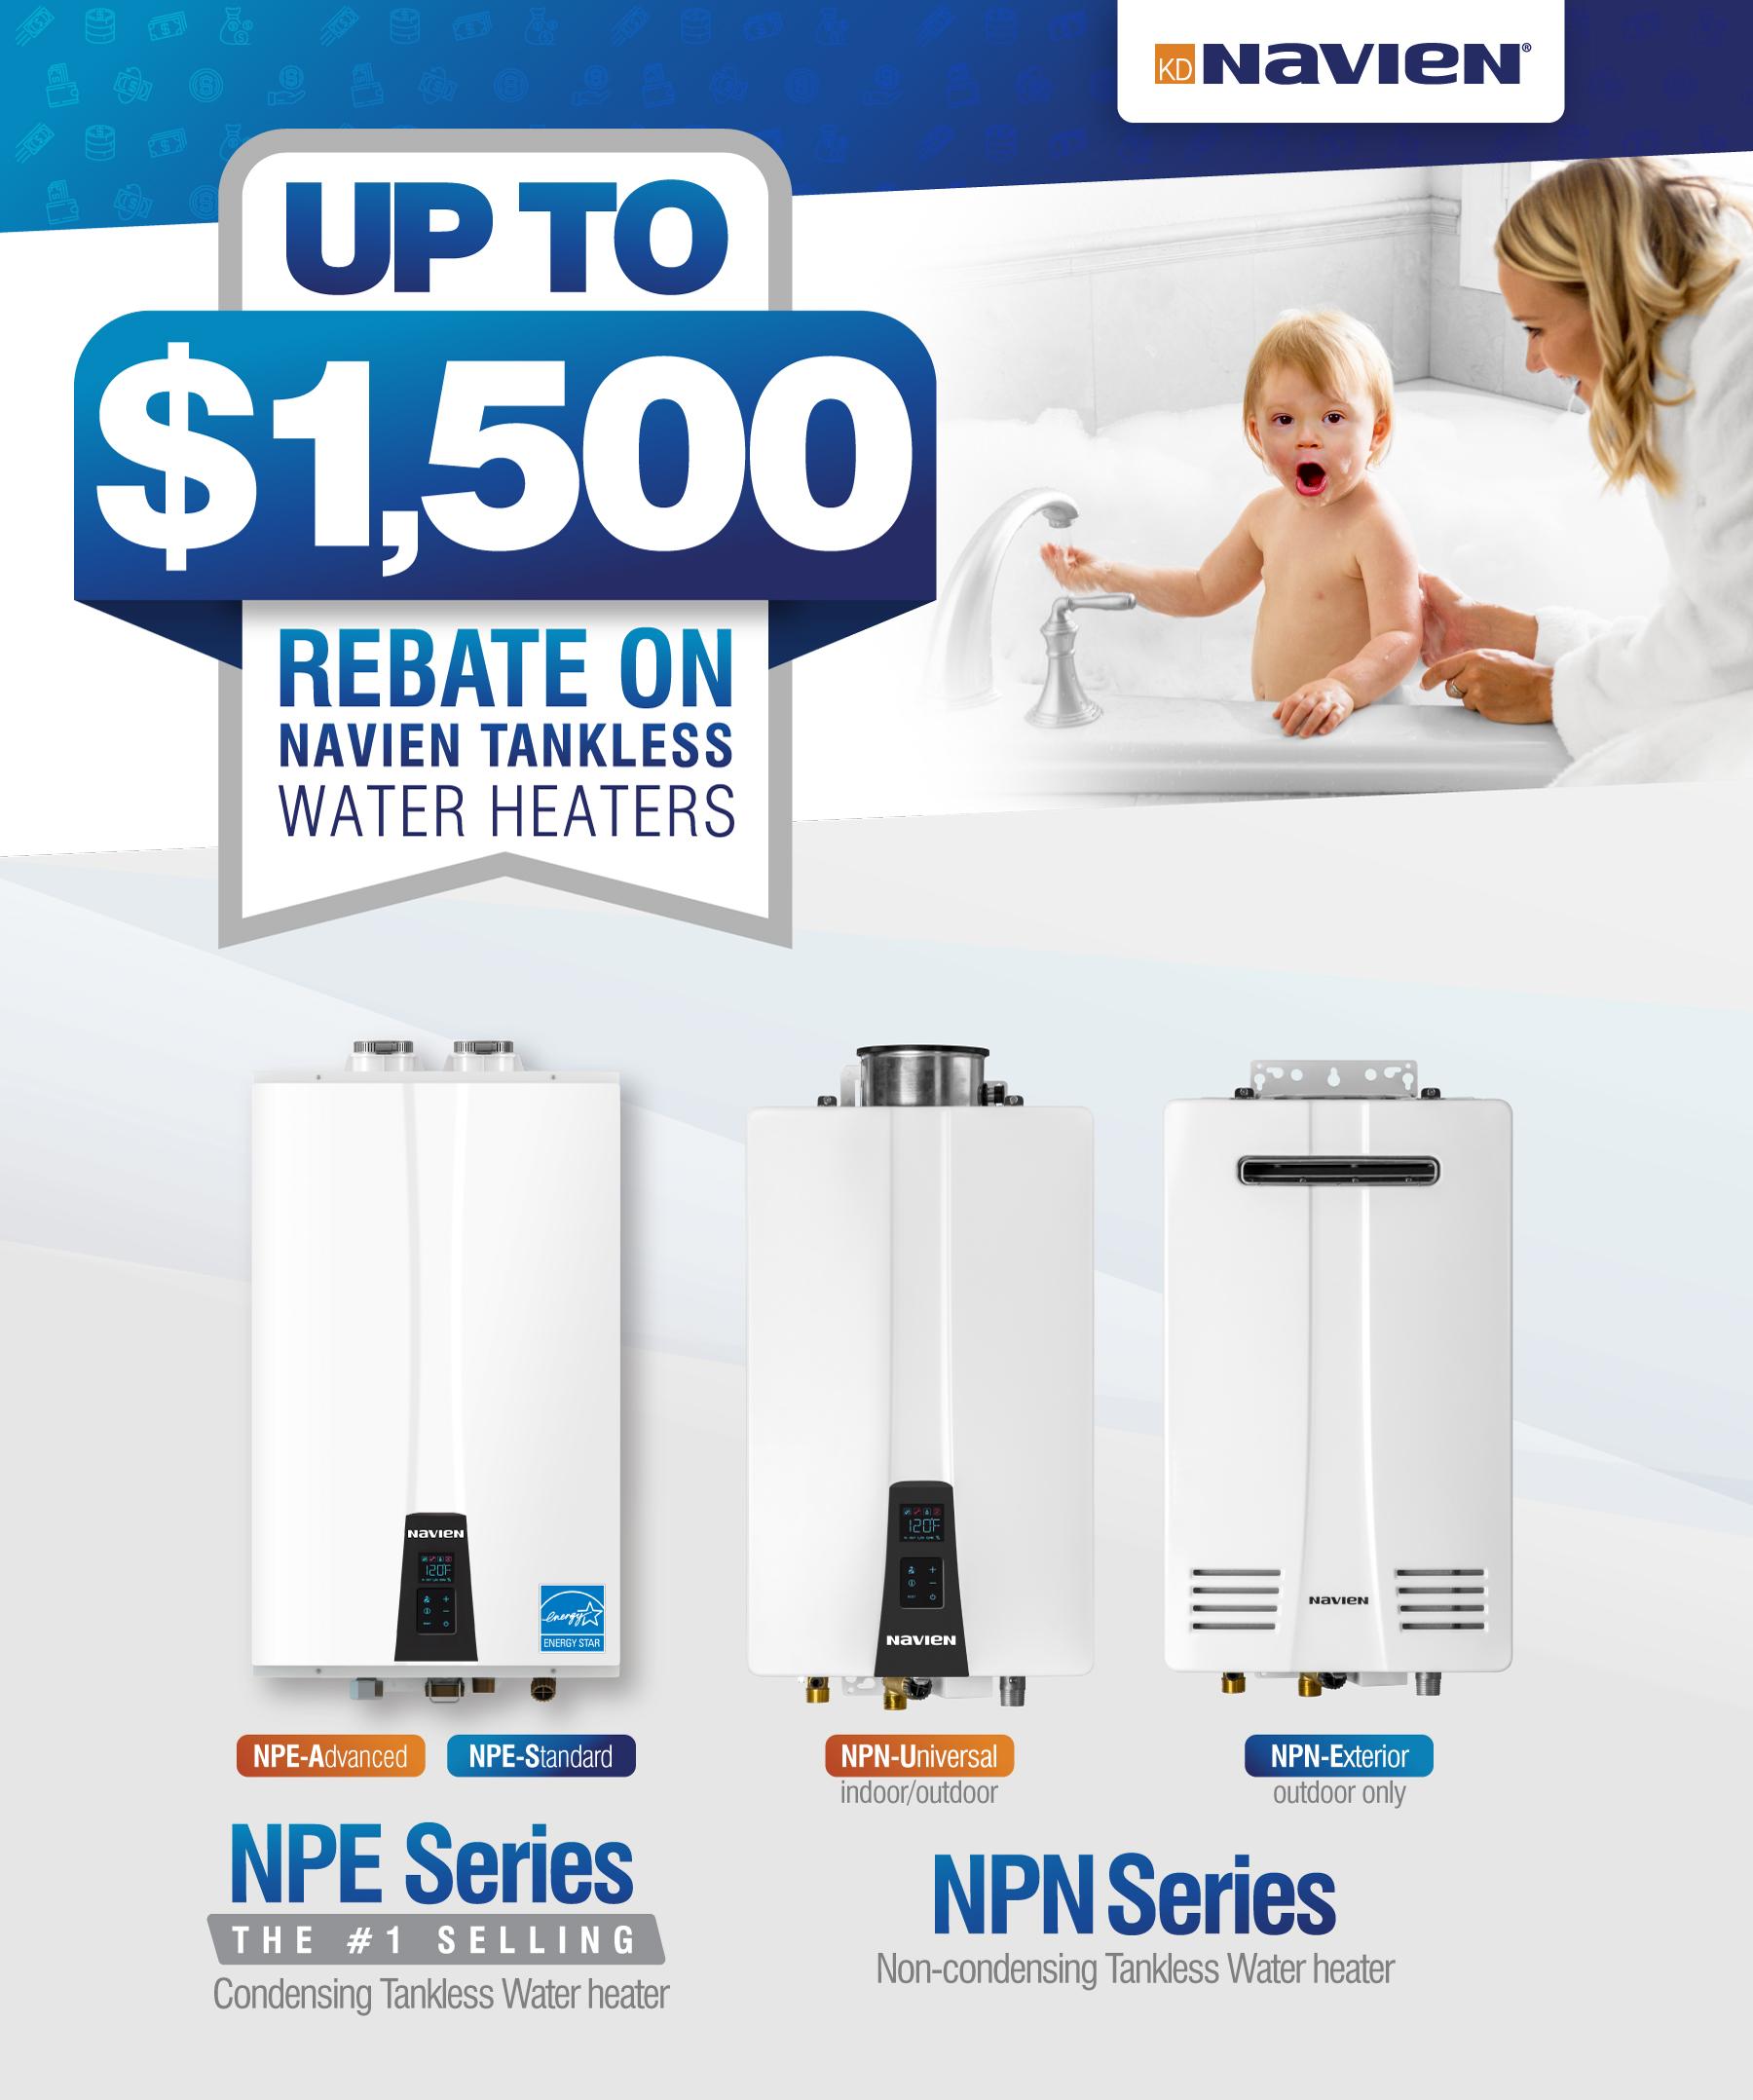 SoCalGas Navien Tankless Water Heaters Rebate